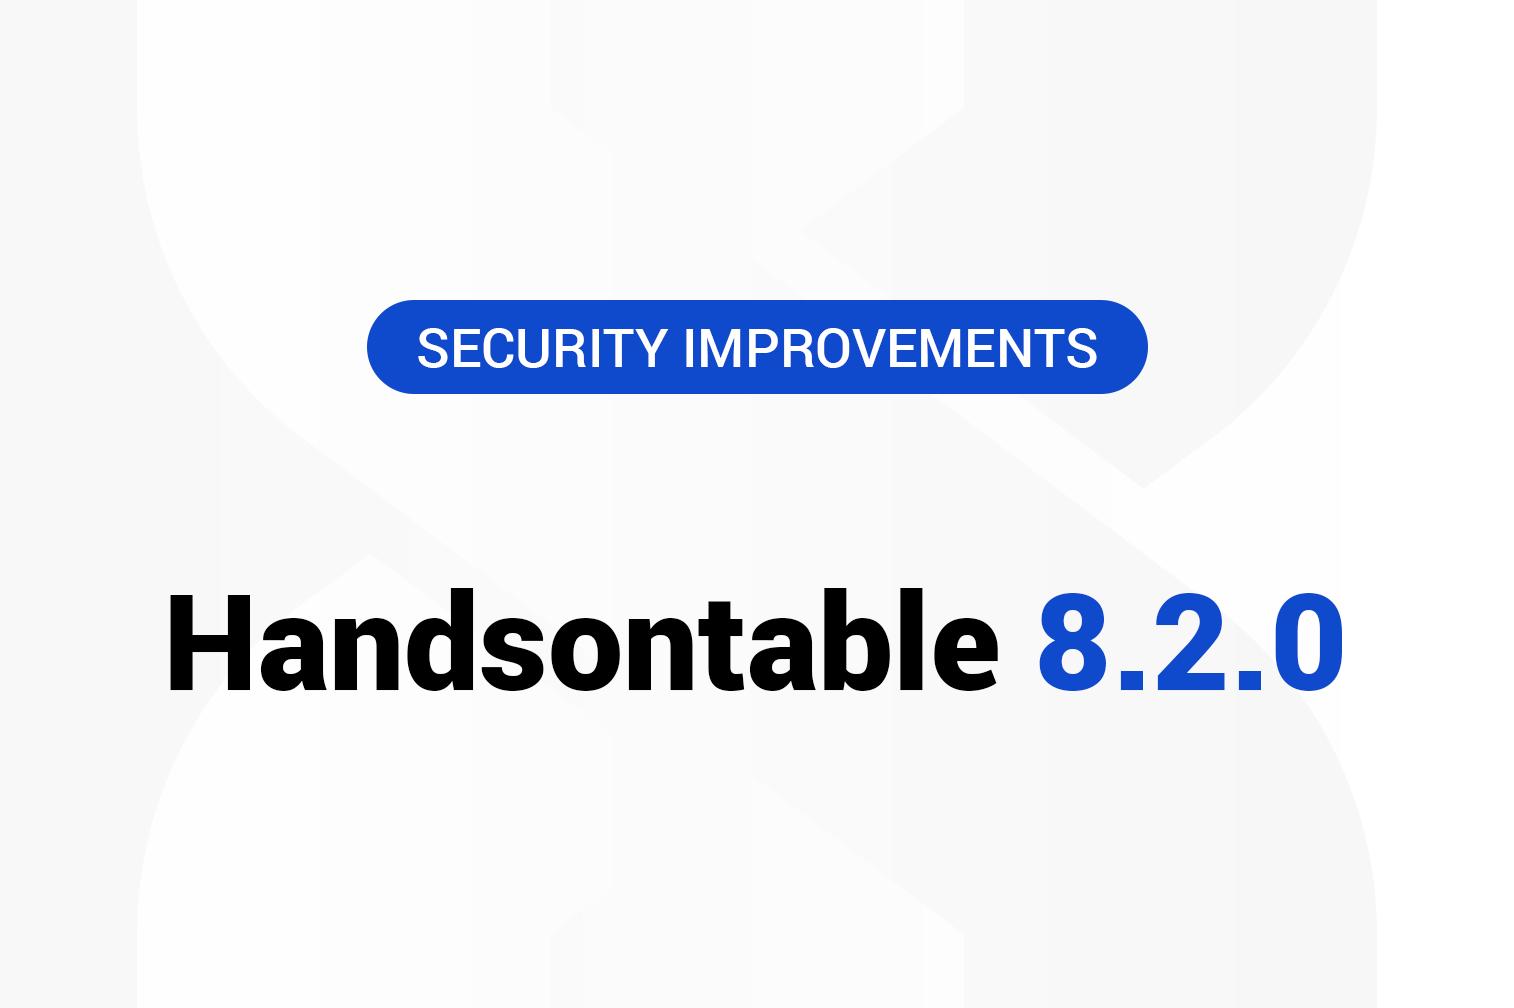 Handsontable 8.2.0 has been released